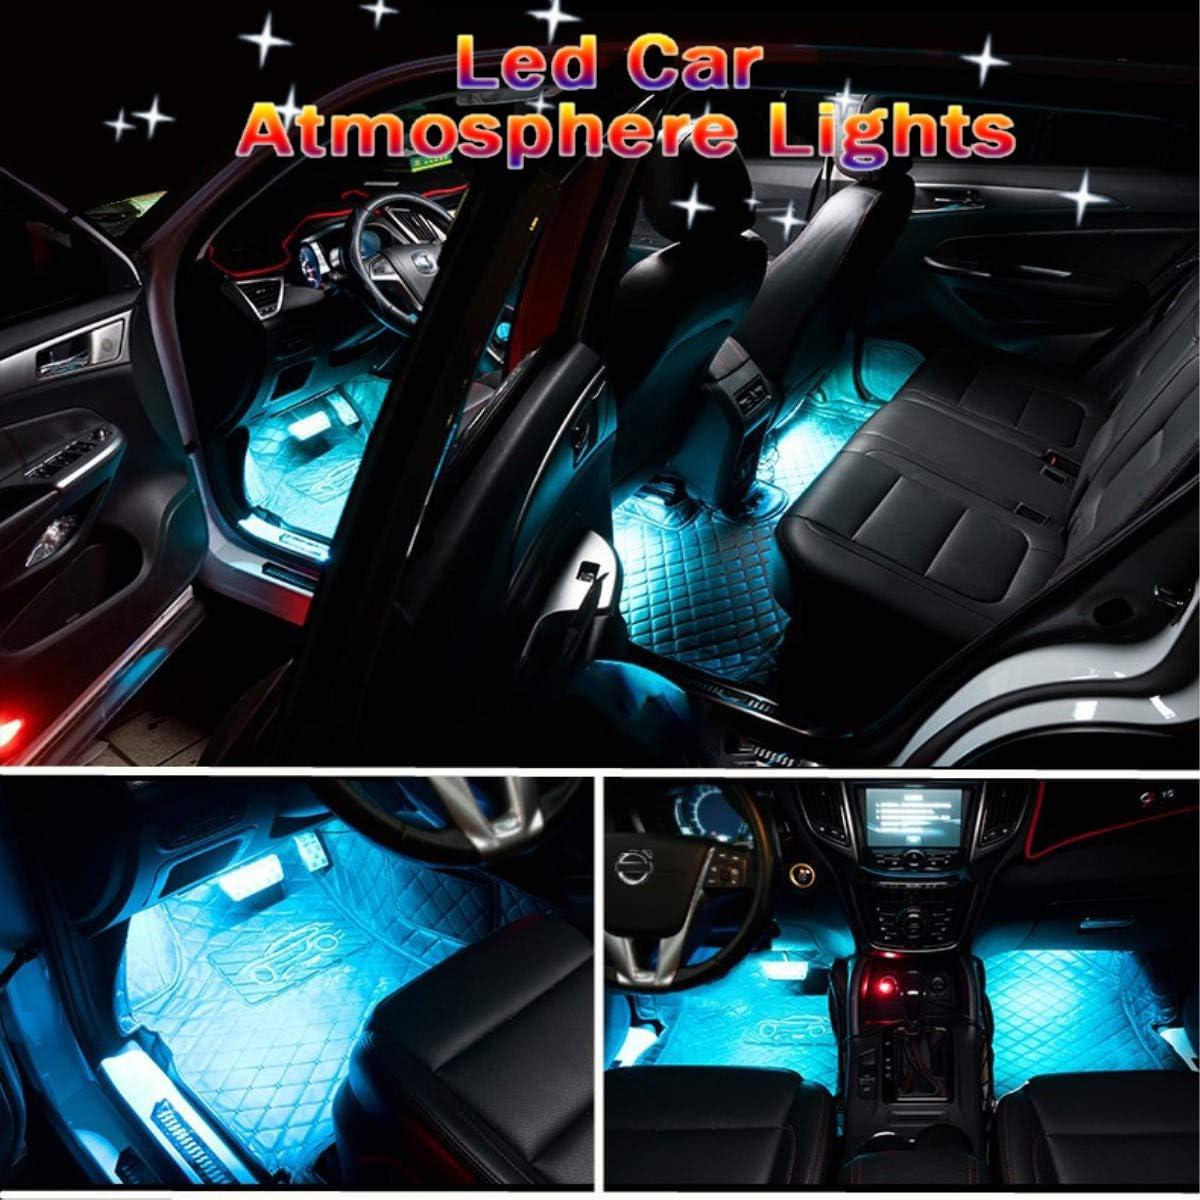 /… Multi-Mode Change DC 12V Car LED Strip Light GOADROM 4pcs 36 LED DC 12V Multicolor Car Interior Lights LED Under Dash Lighting Waterproof Kit with Wireless Remote Control